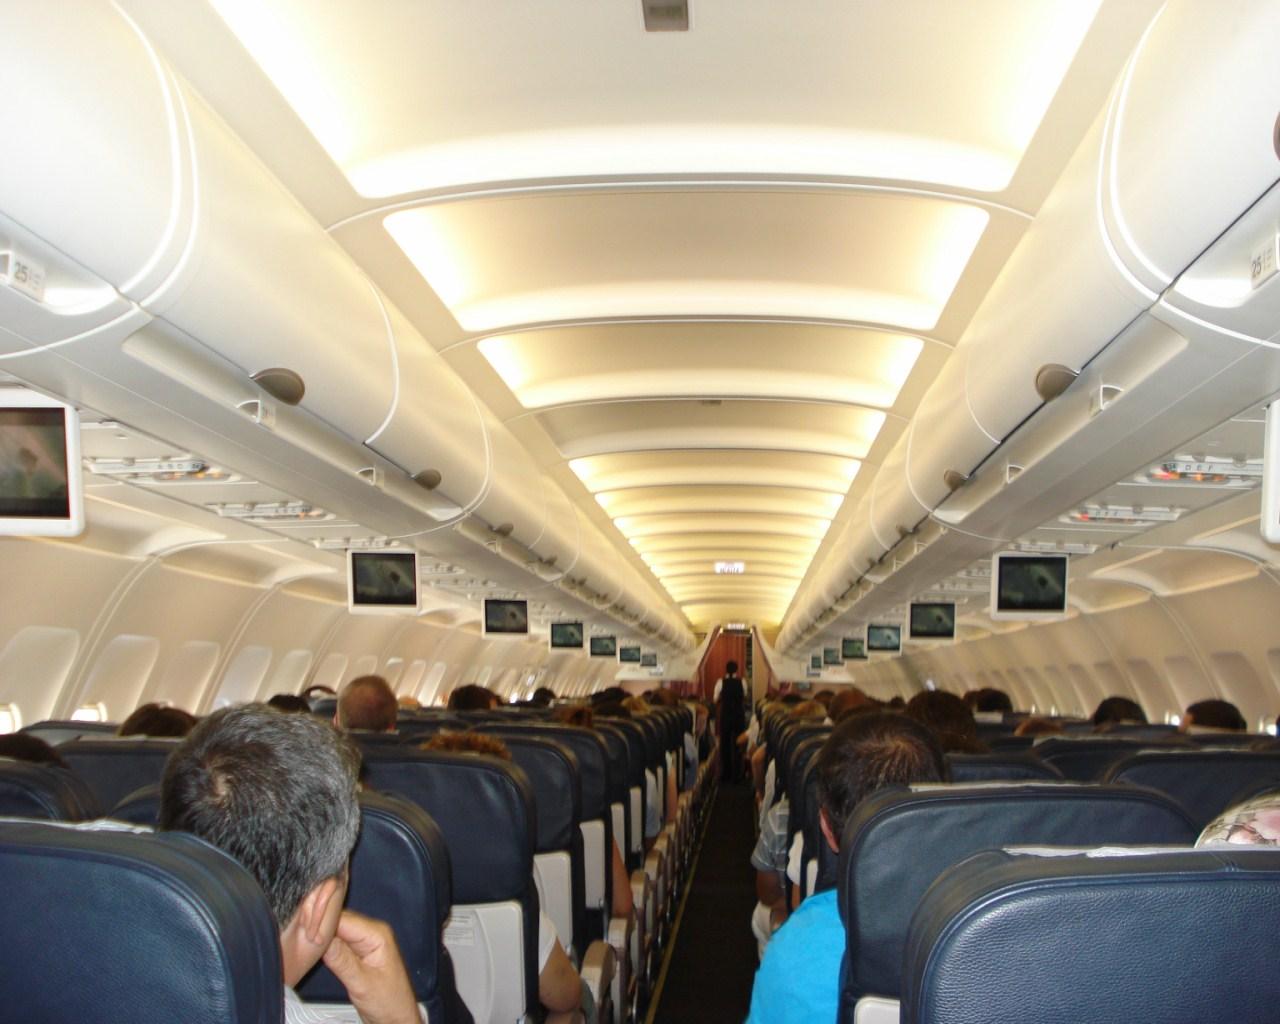 Салон самолета Airbus A320 Турецких авиалиний